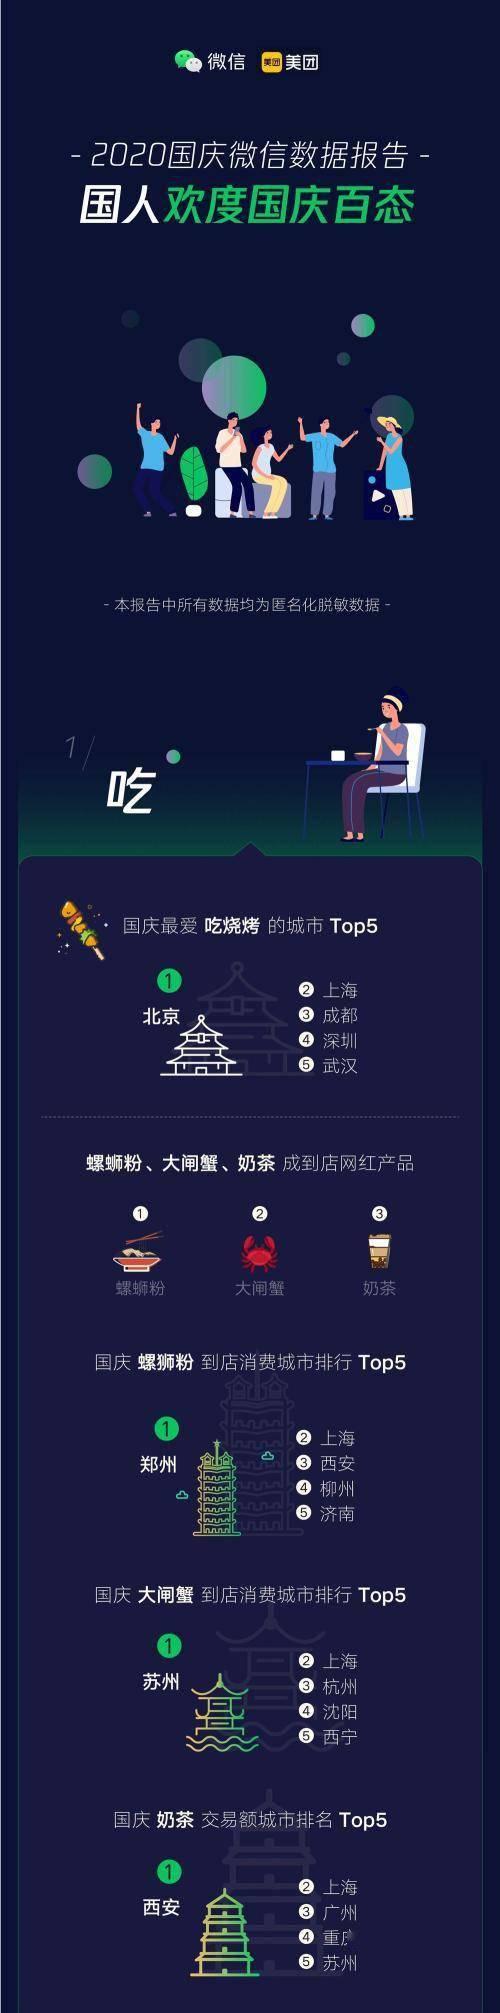 微信国庆数据:郑州人最爱嗦螺狮粉,广东人花钱第一名